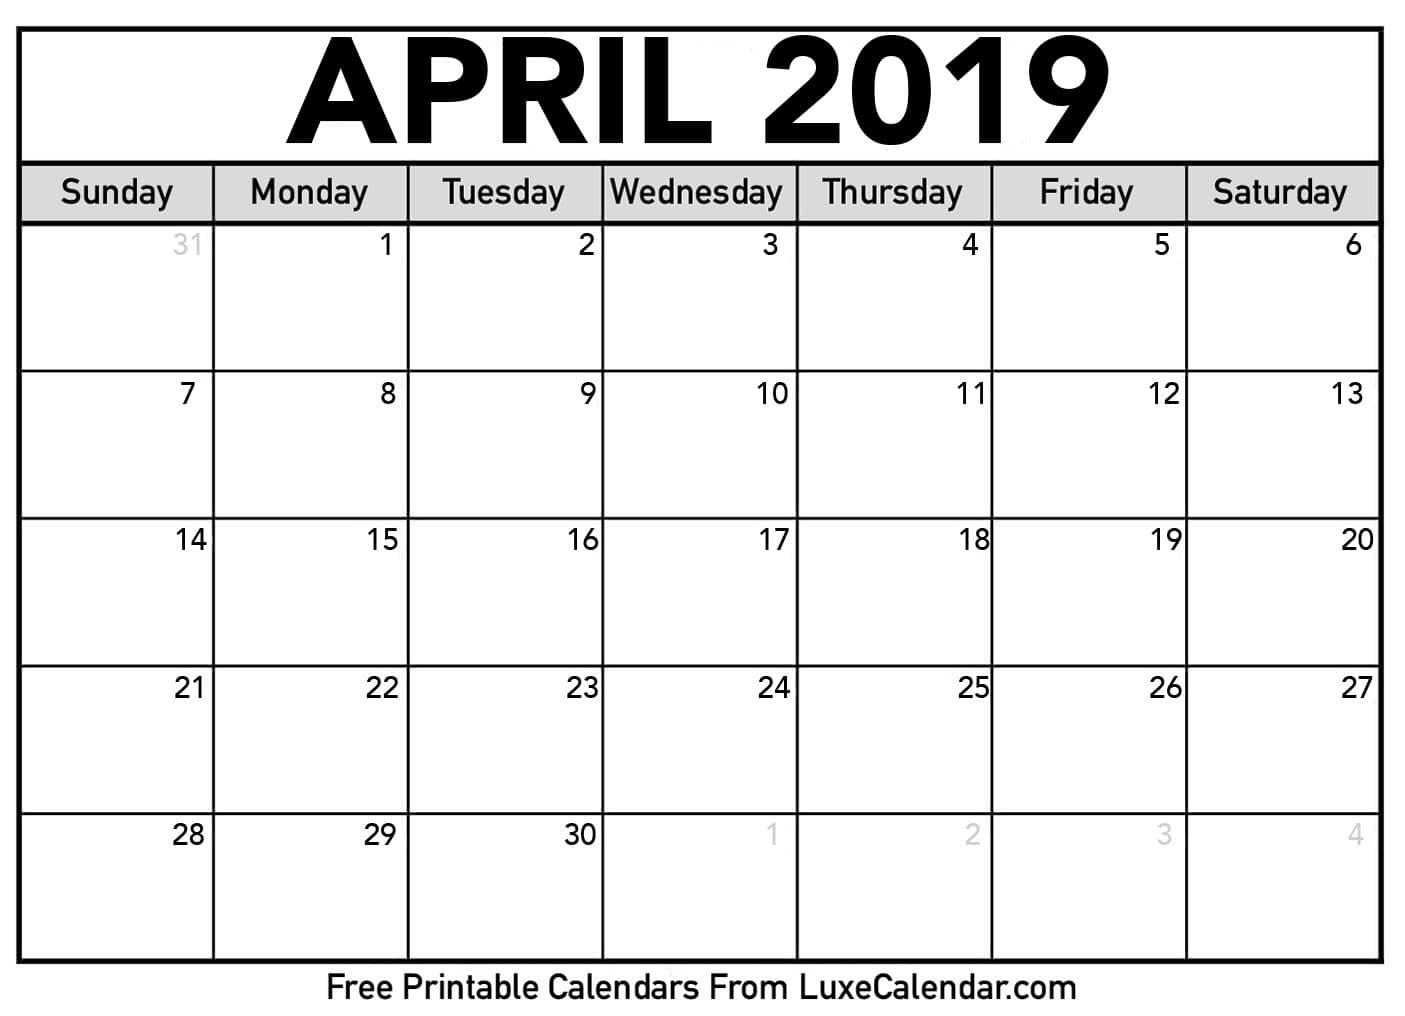 Printable Calendar Free 2019 Blank April 2019 Printable Calendar Luxe Calendar